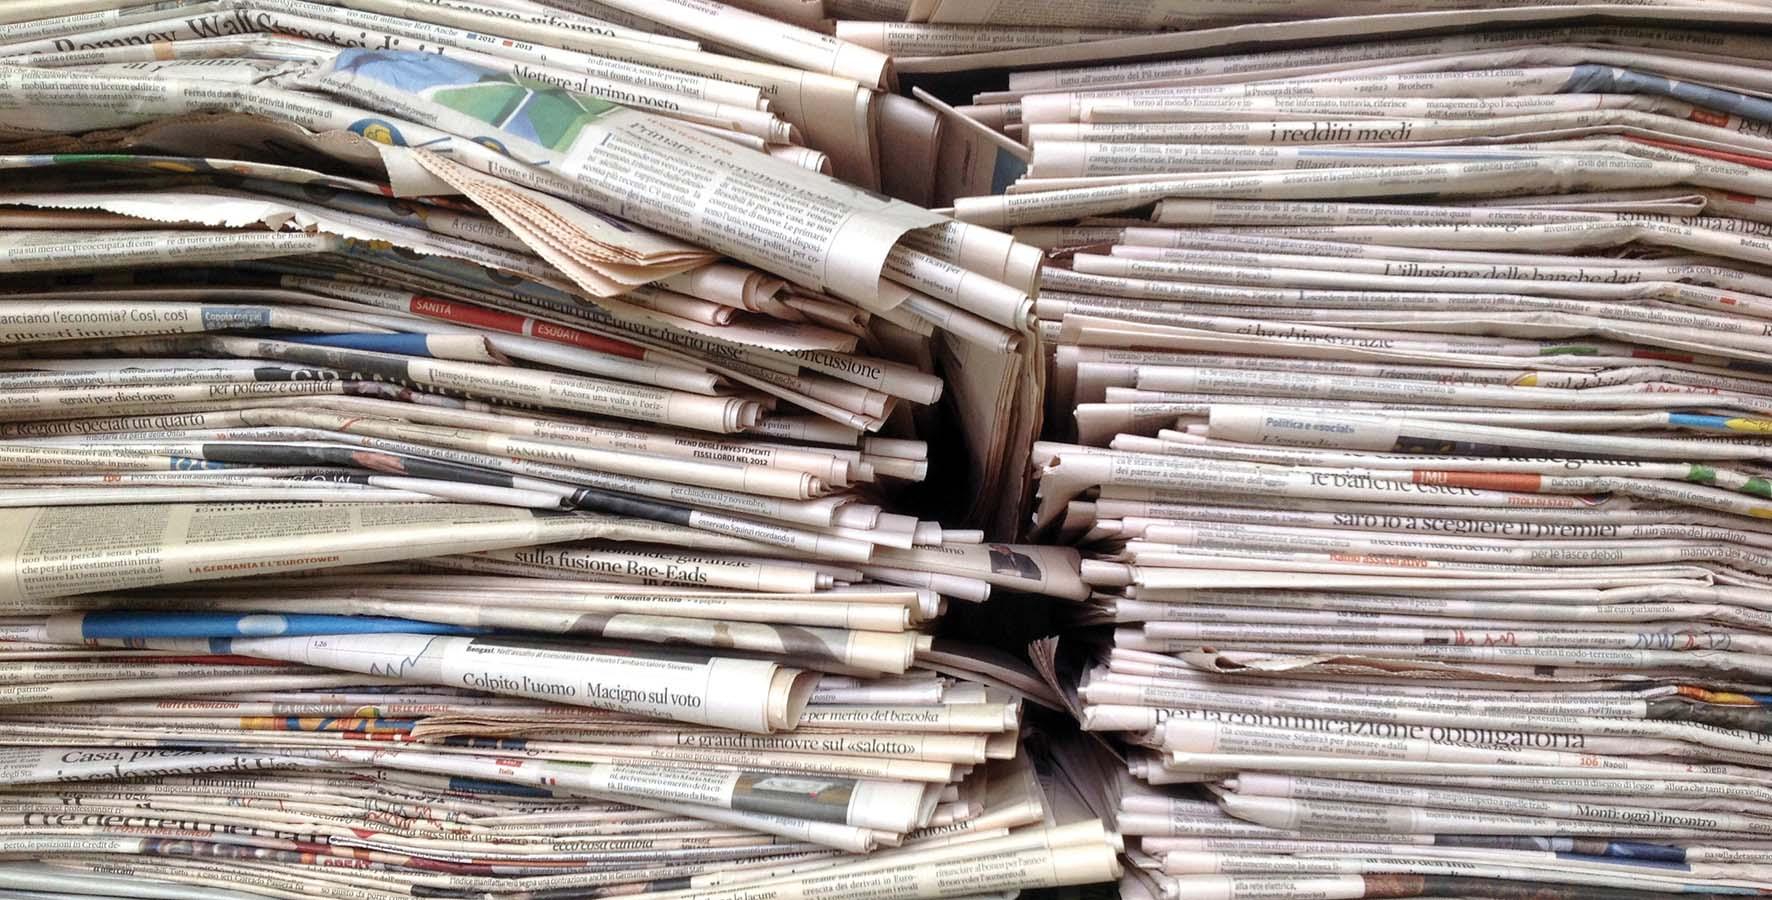 giornali quotidiani cataste plichi